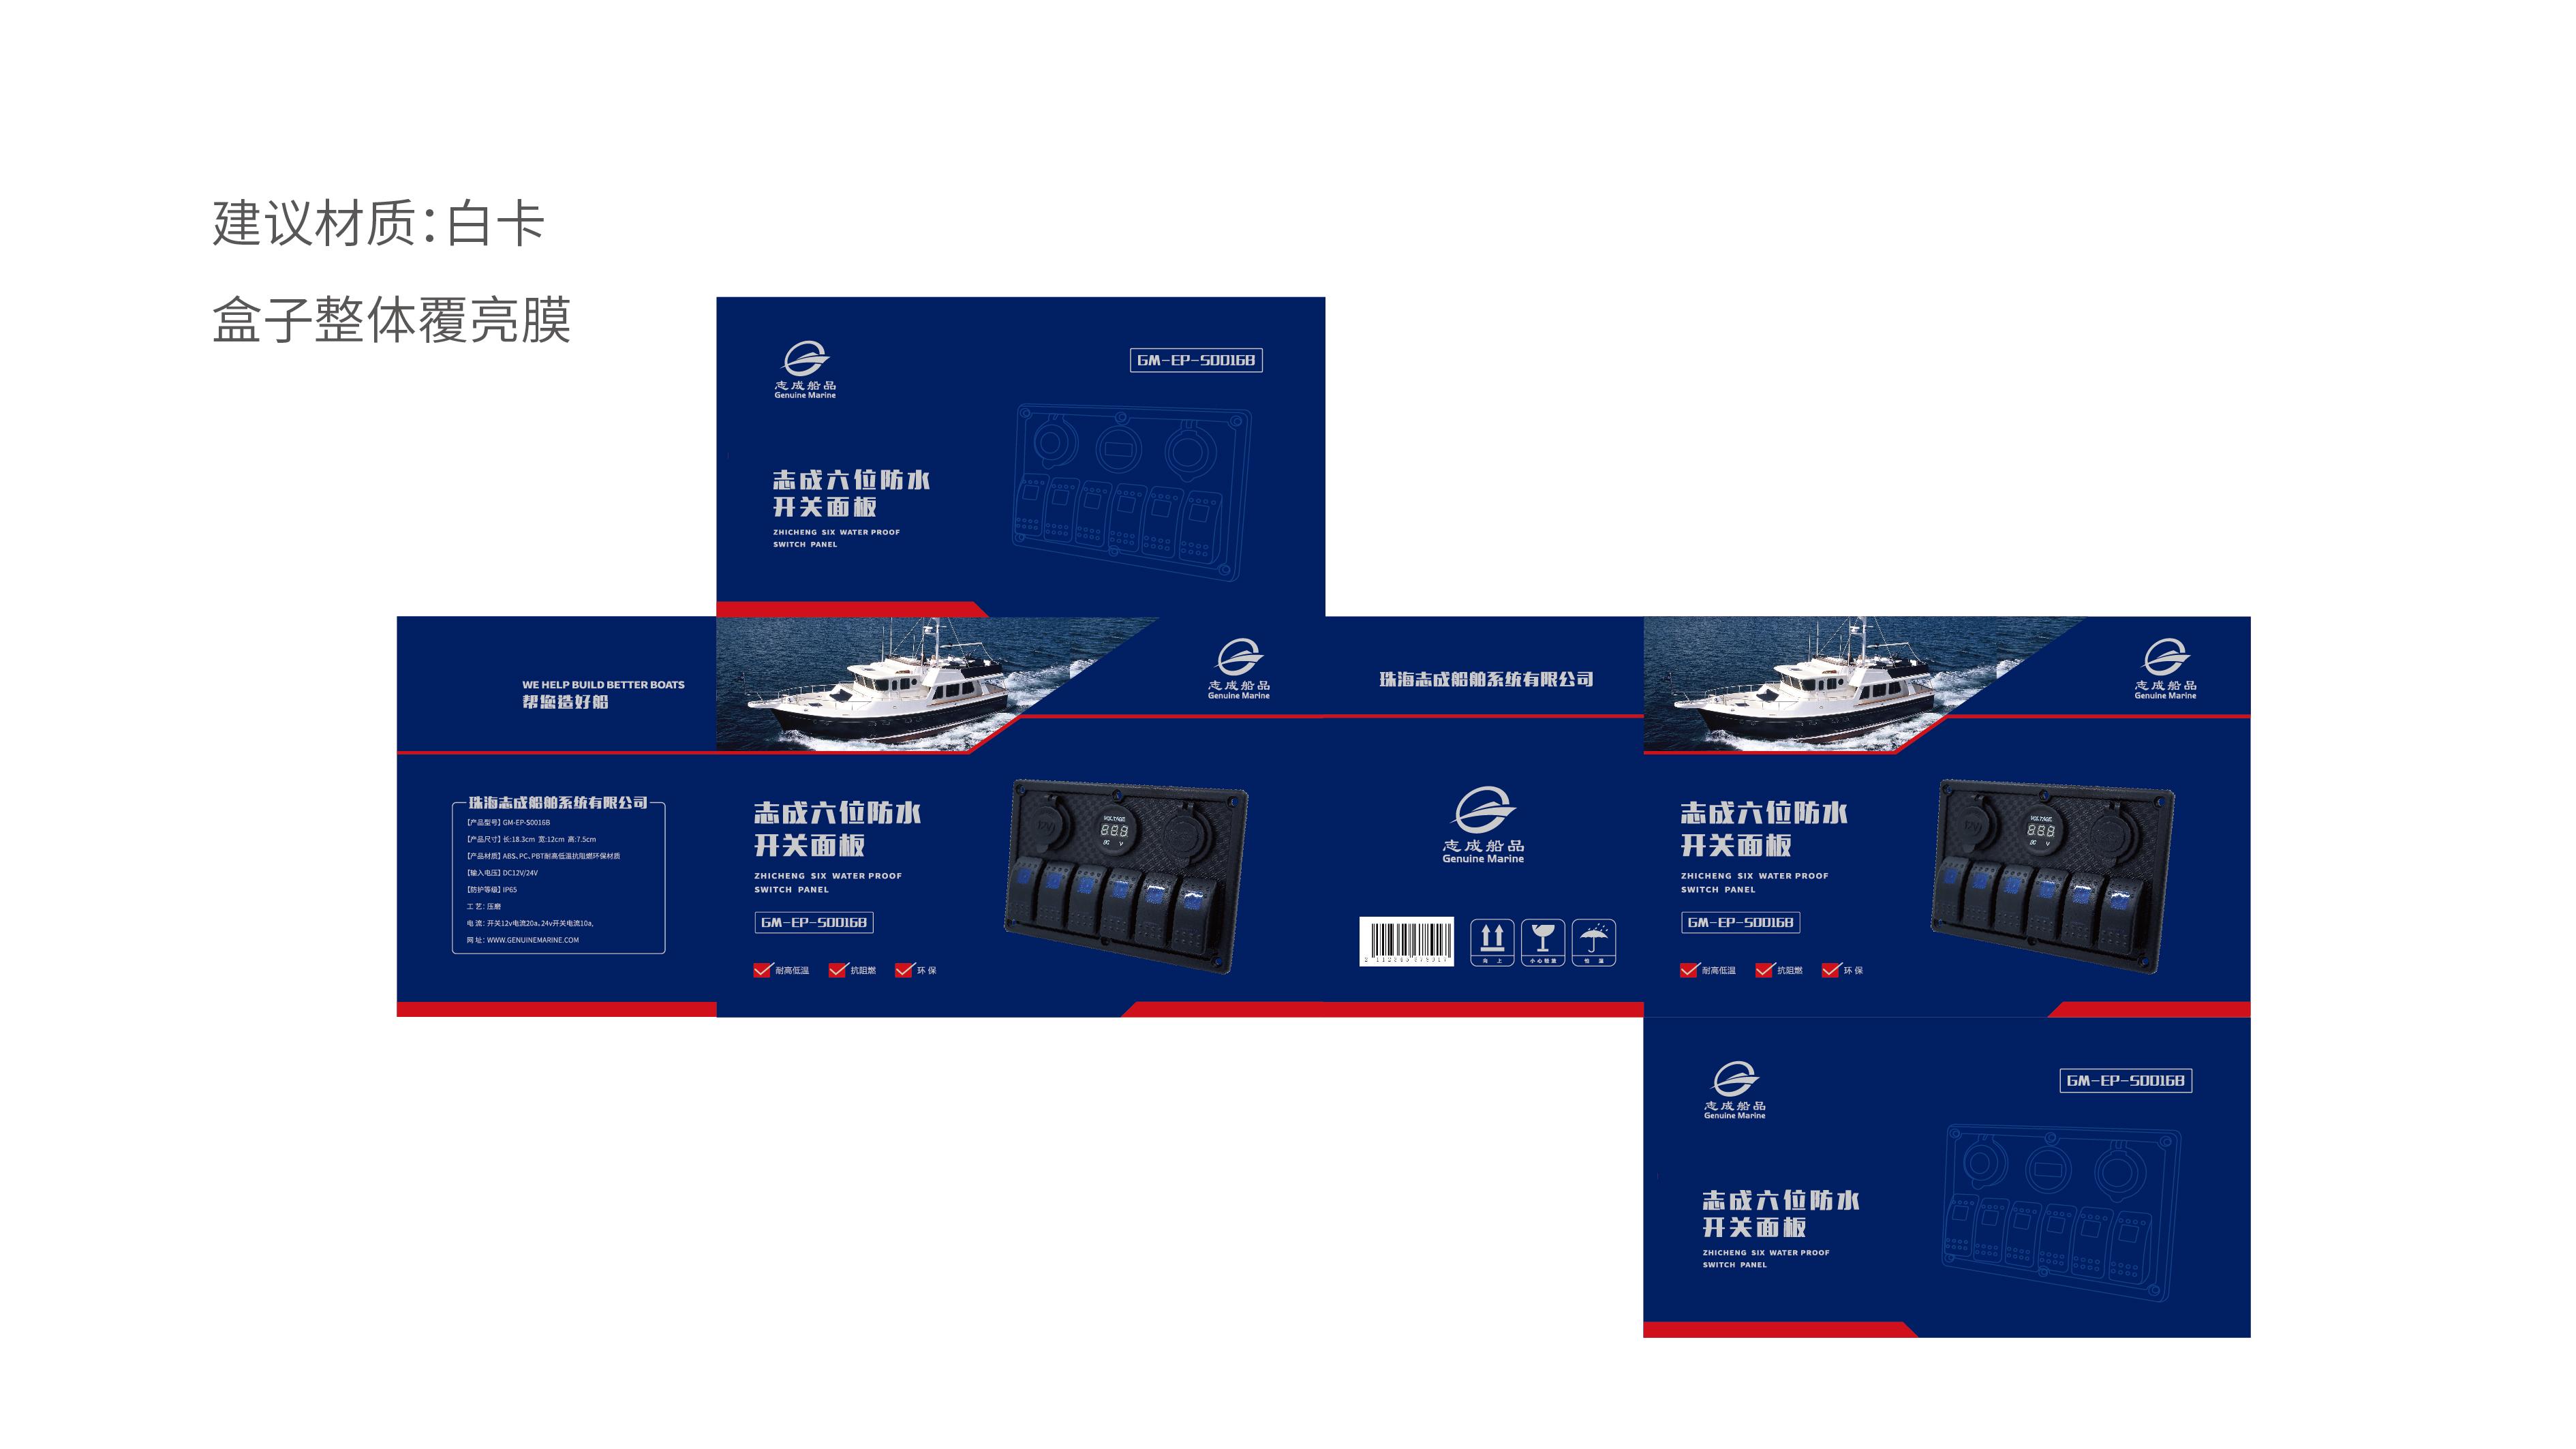 志成genuinemarine品牌包装必赢体育官方app